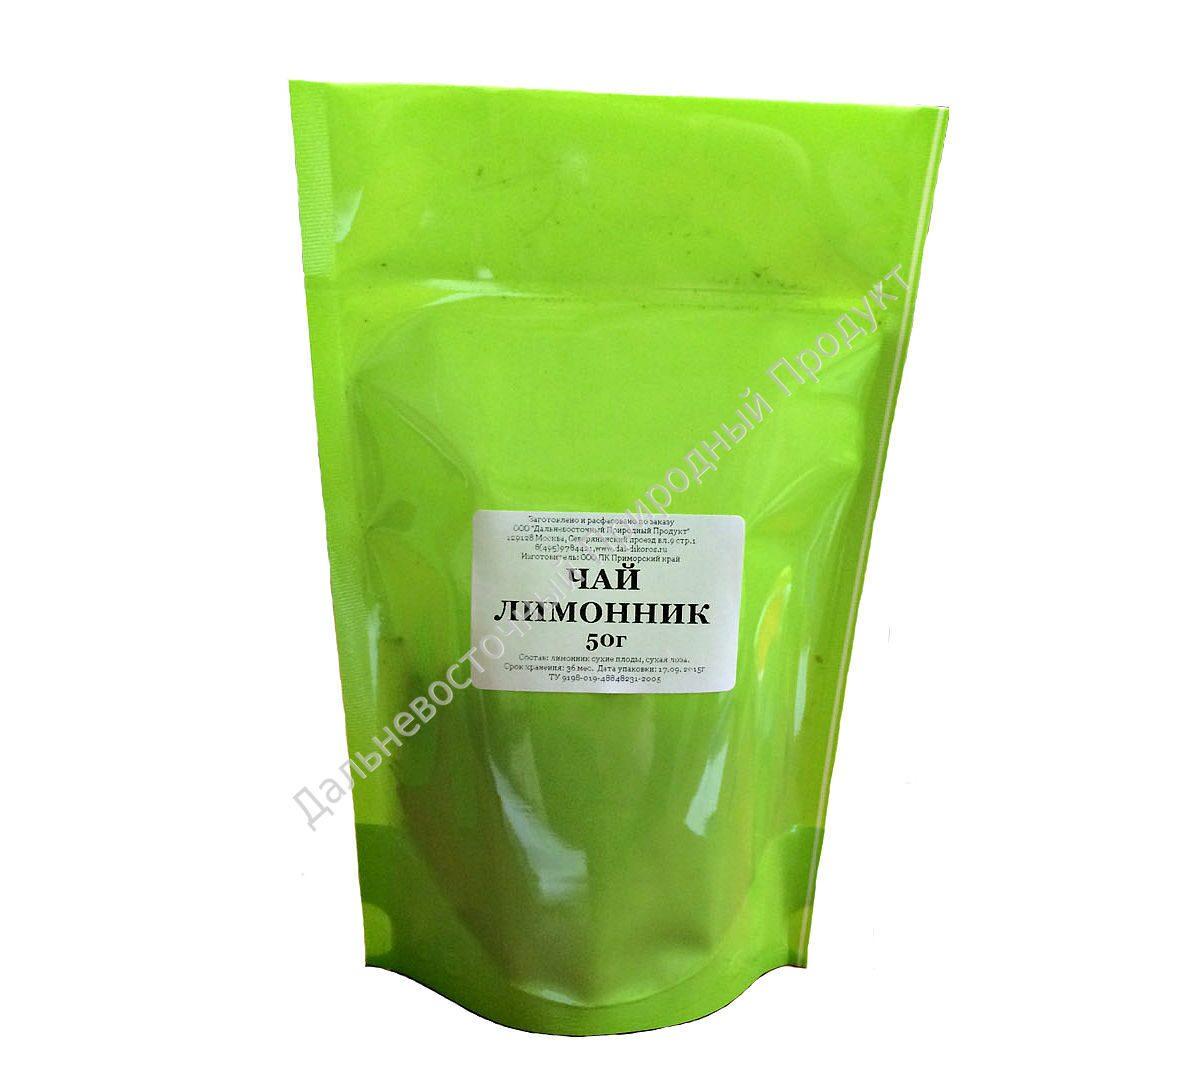 Китайский чай лимонник купить в